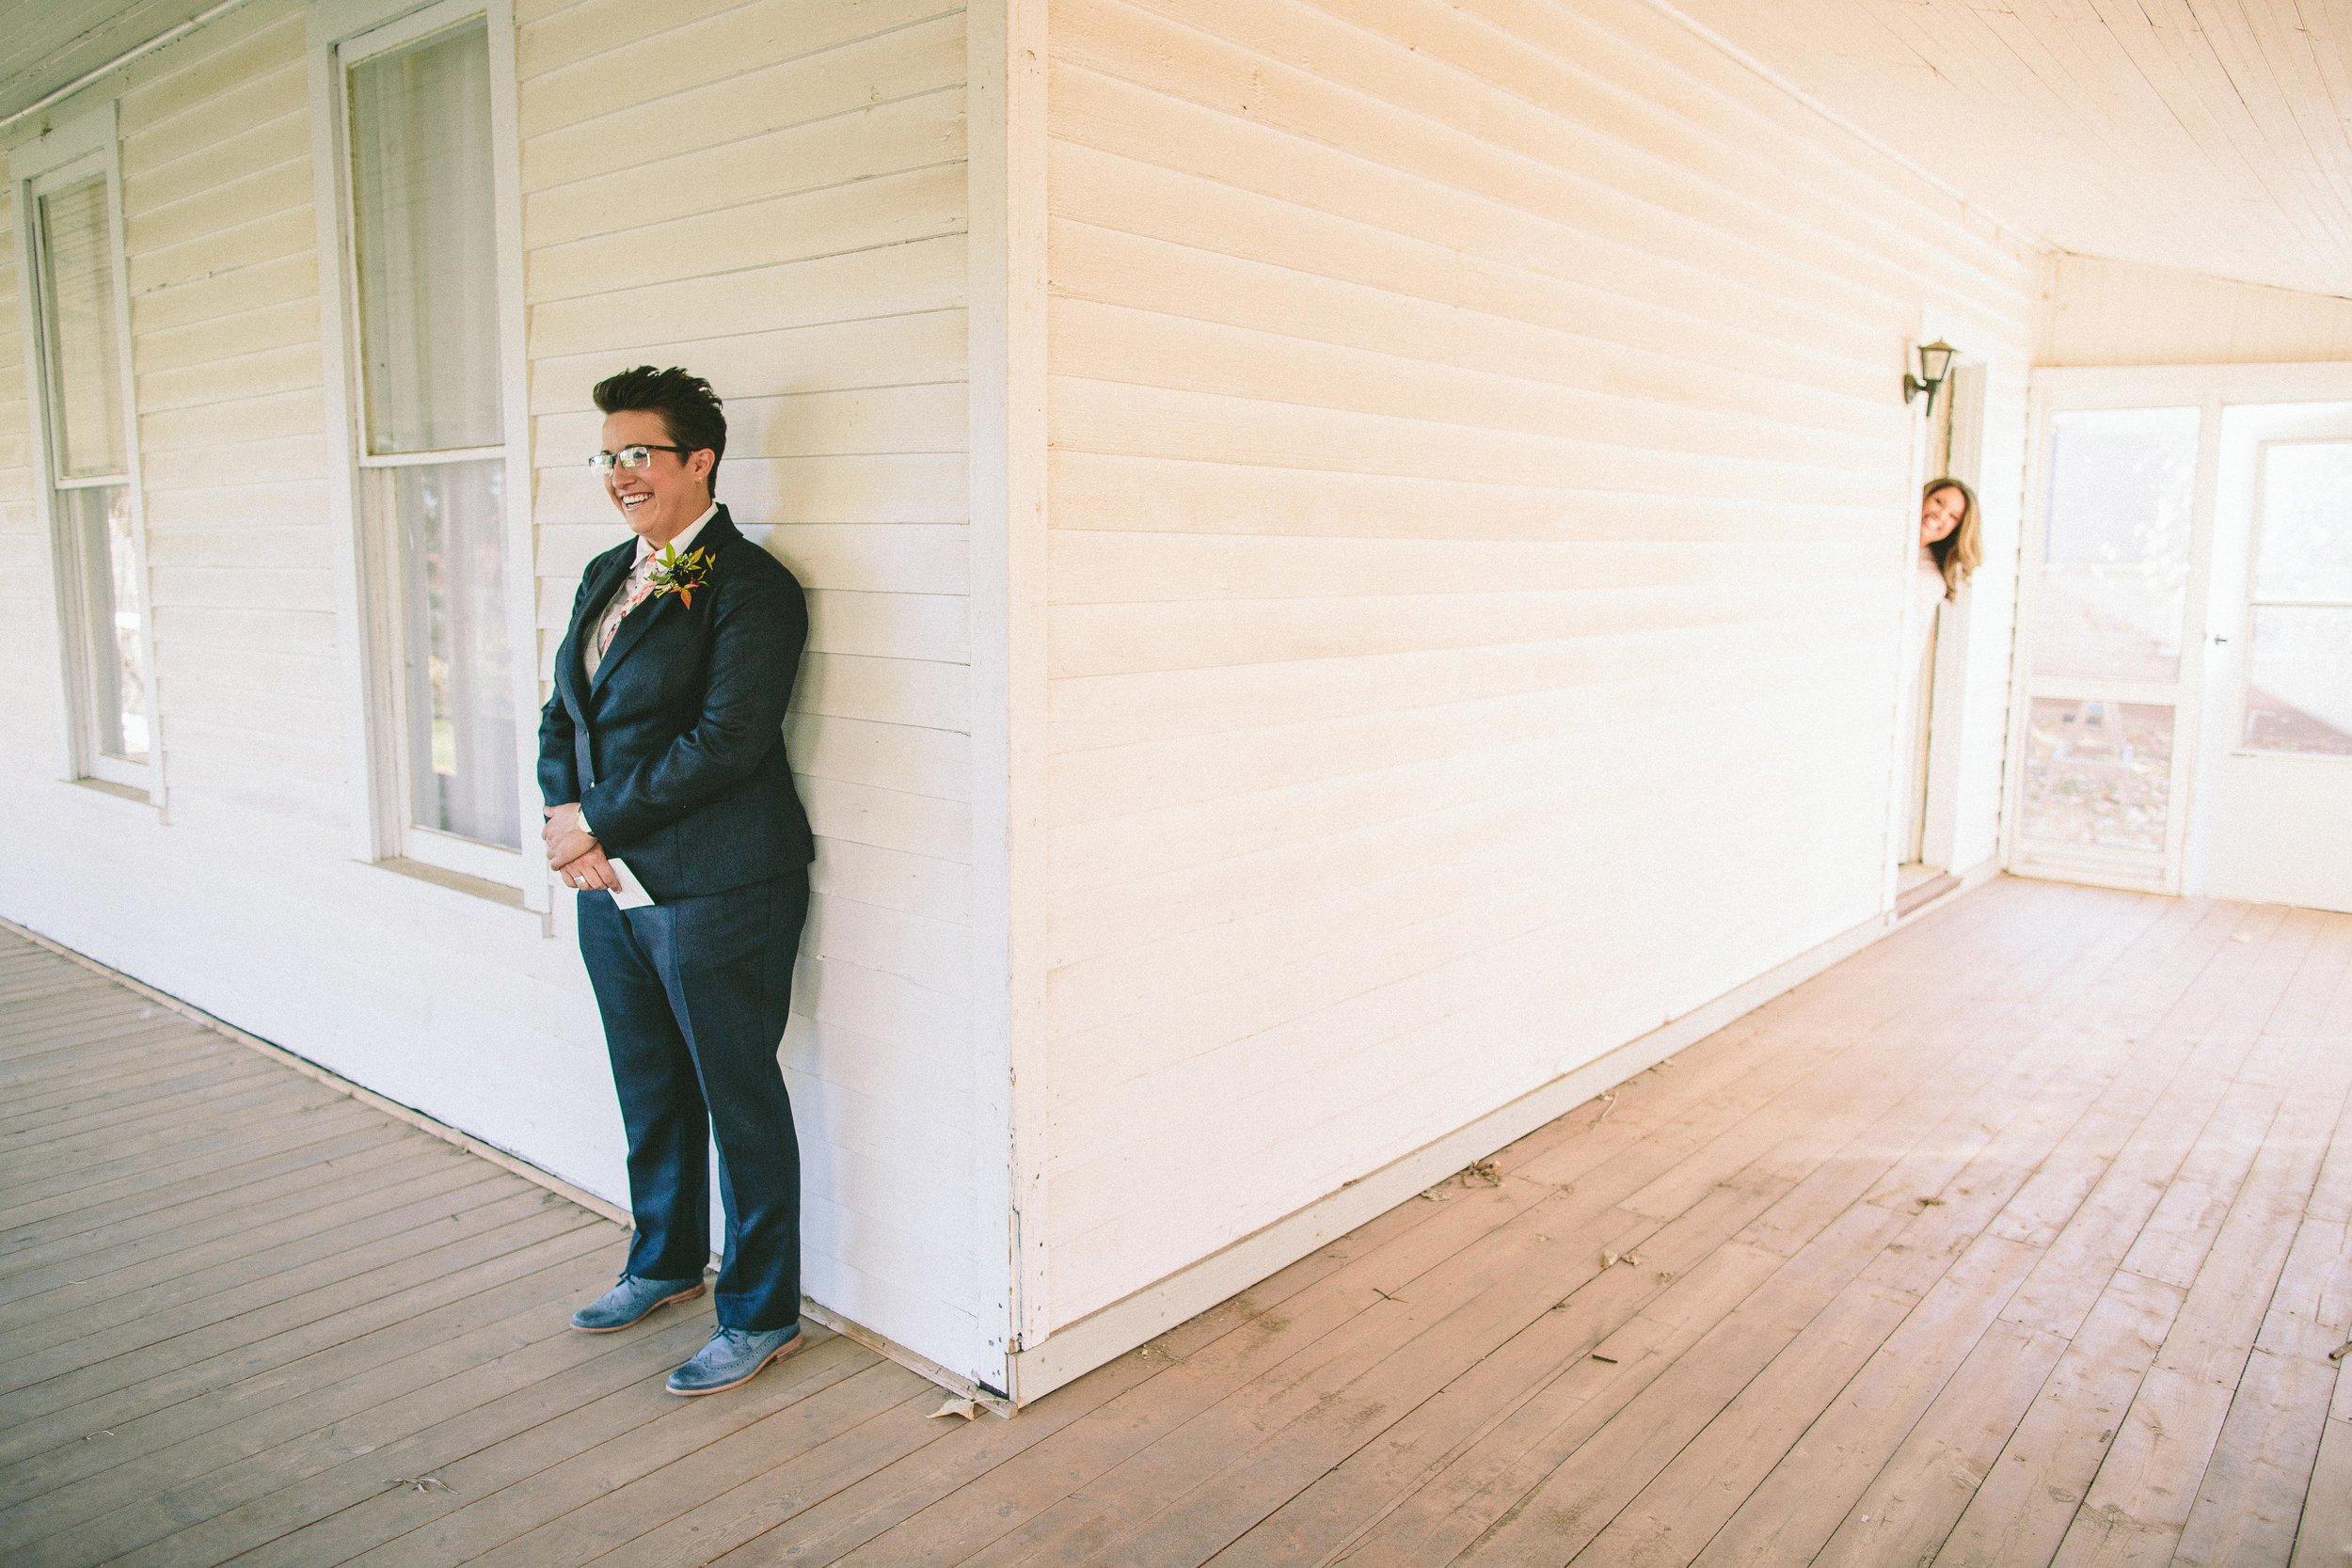 MP_16.11.05_Danielle-&-Laura-Wedding-Chatfield-Farms-8163.jpg